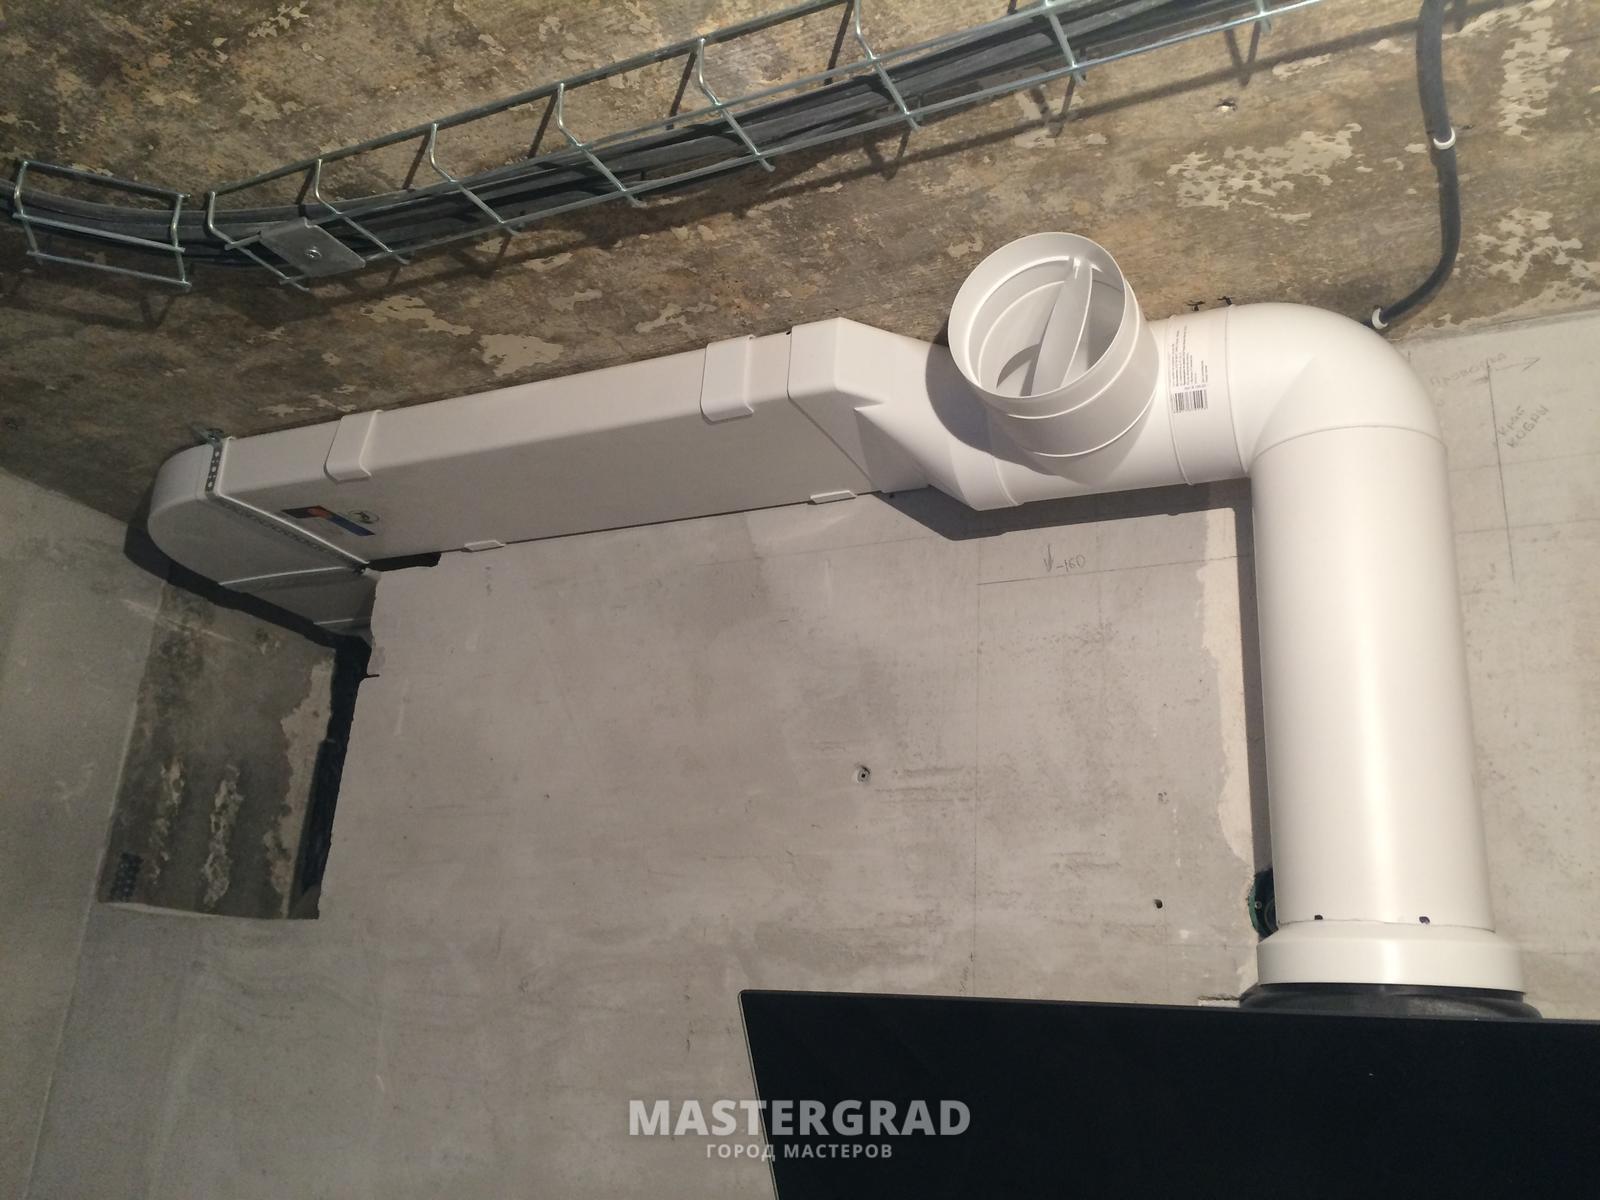 Вентиляция в котельной с газовым котлом: нормативы и особенности